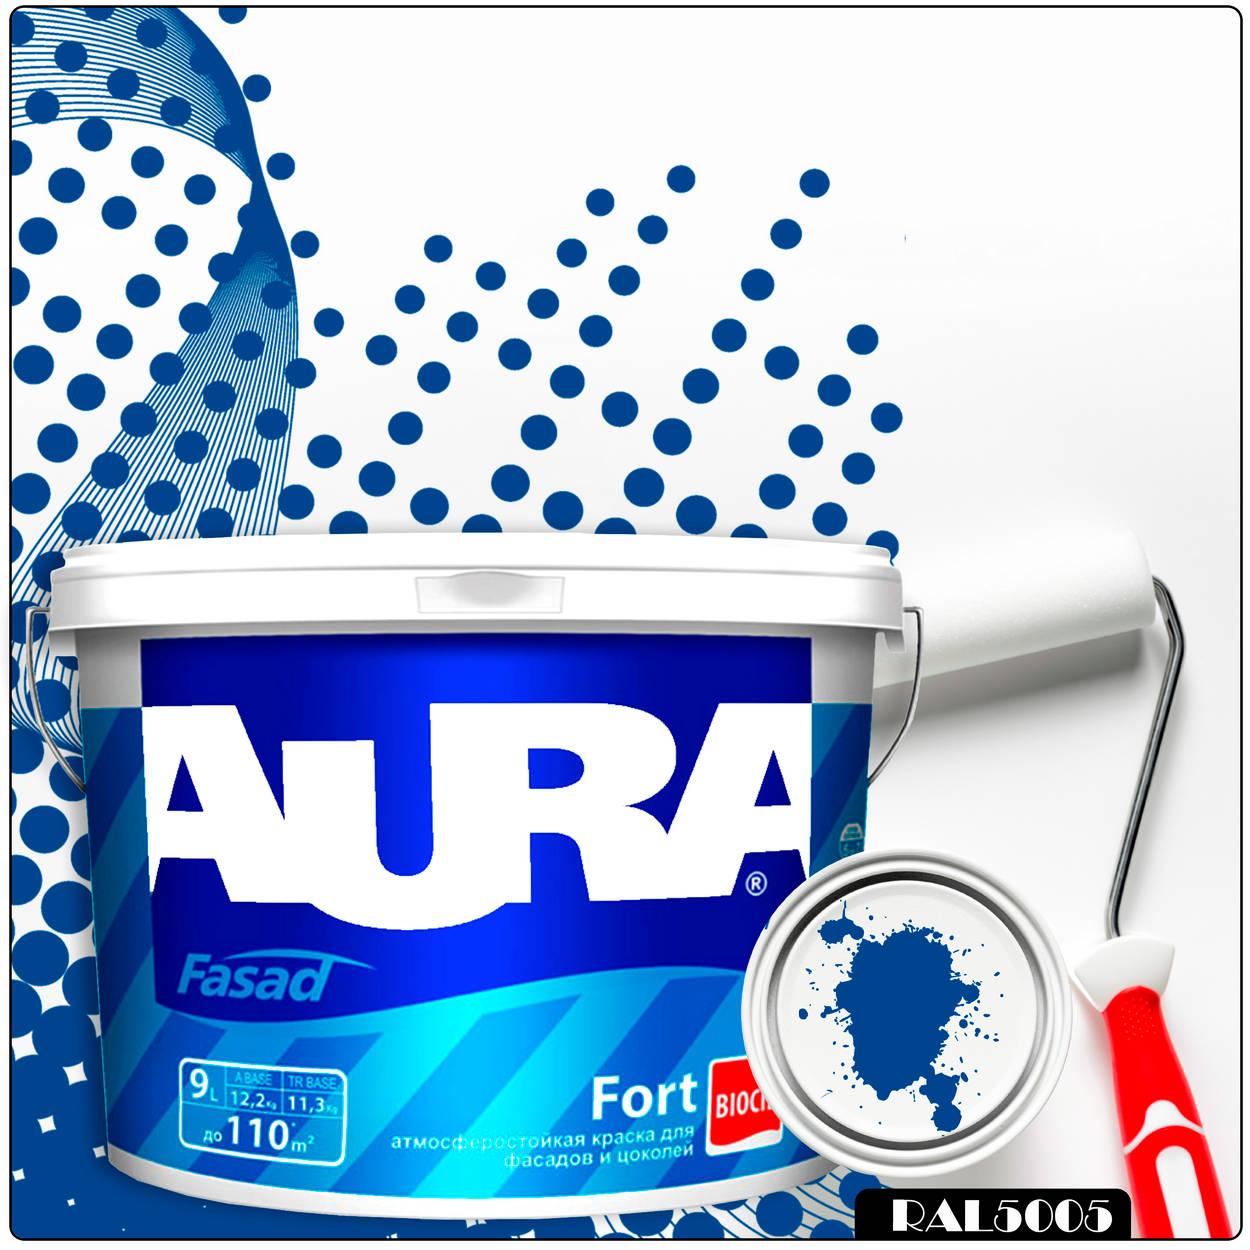 Фото 6 - Краска Aura Fasad Fort, RAL 5005 Сигнальный синий, латексная, матовая, для фасада и цоколей, 9л, Аура.